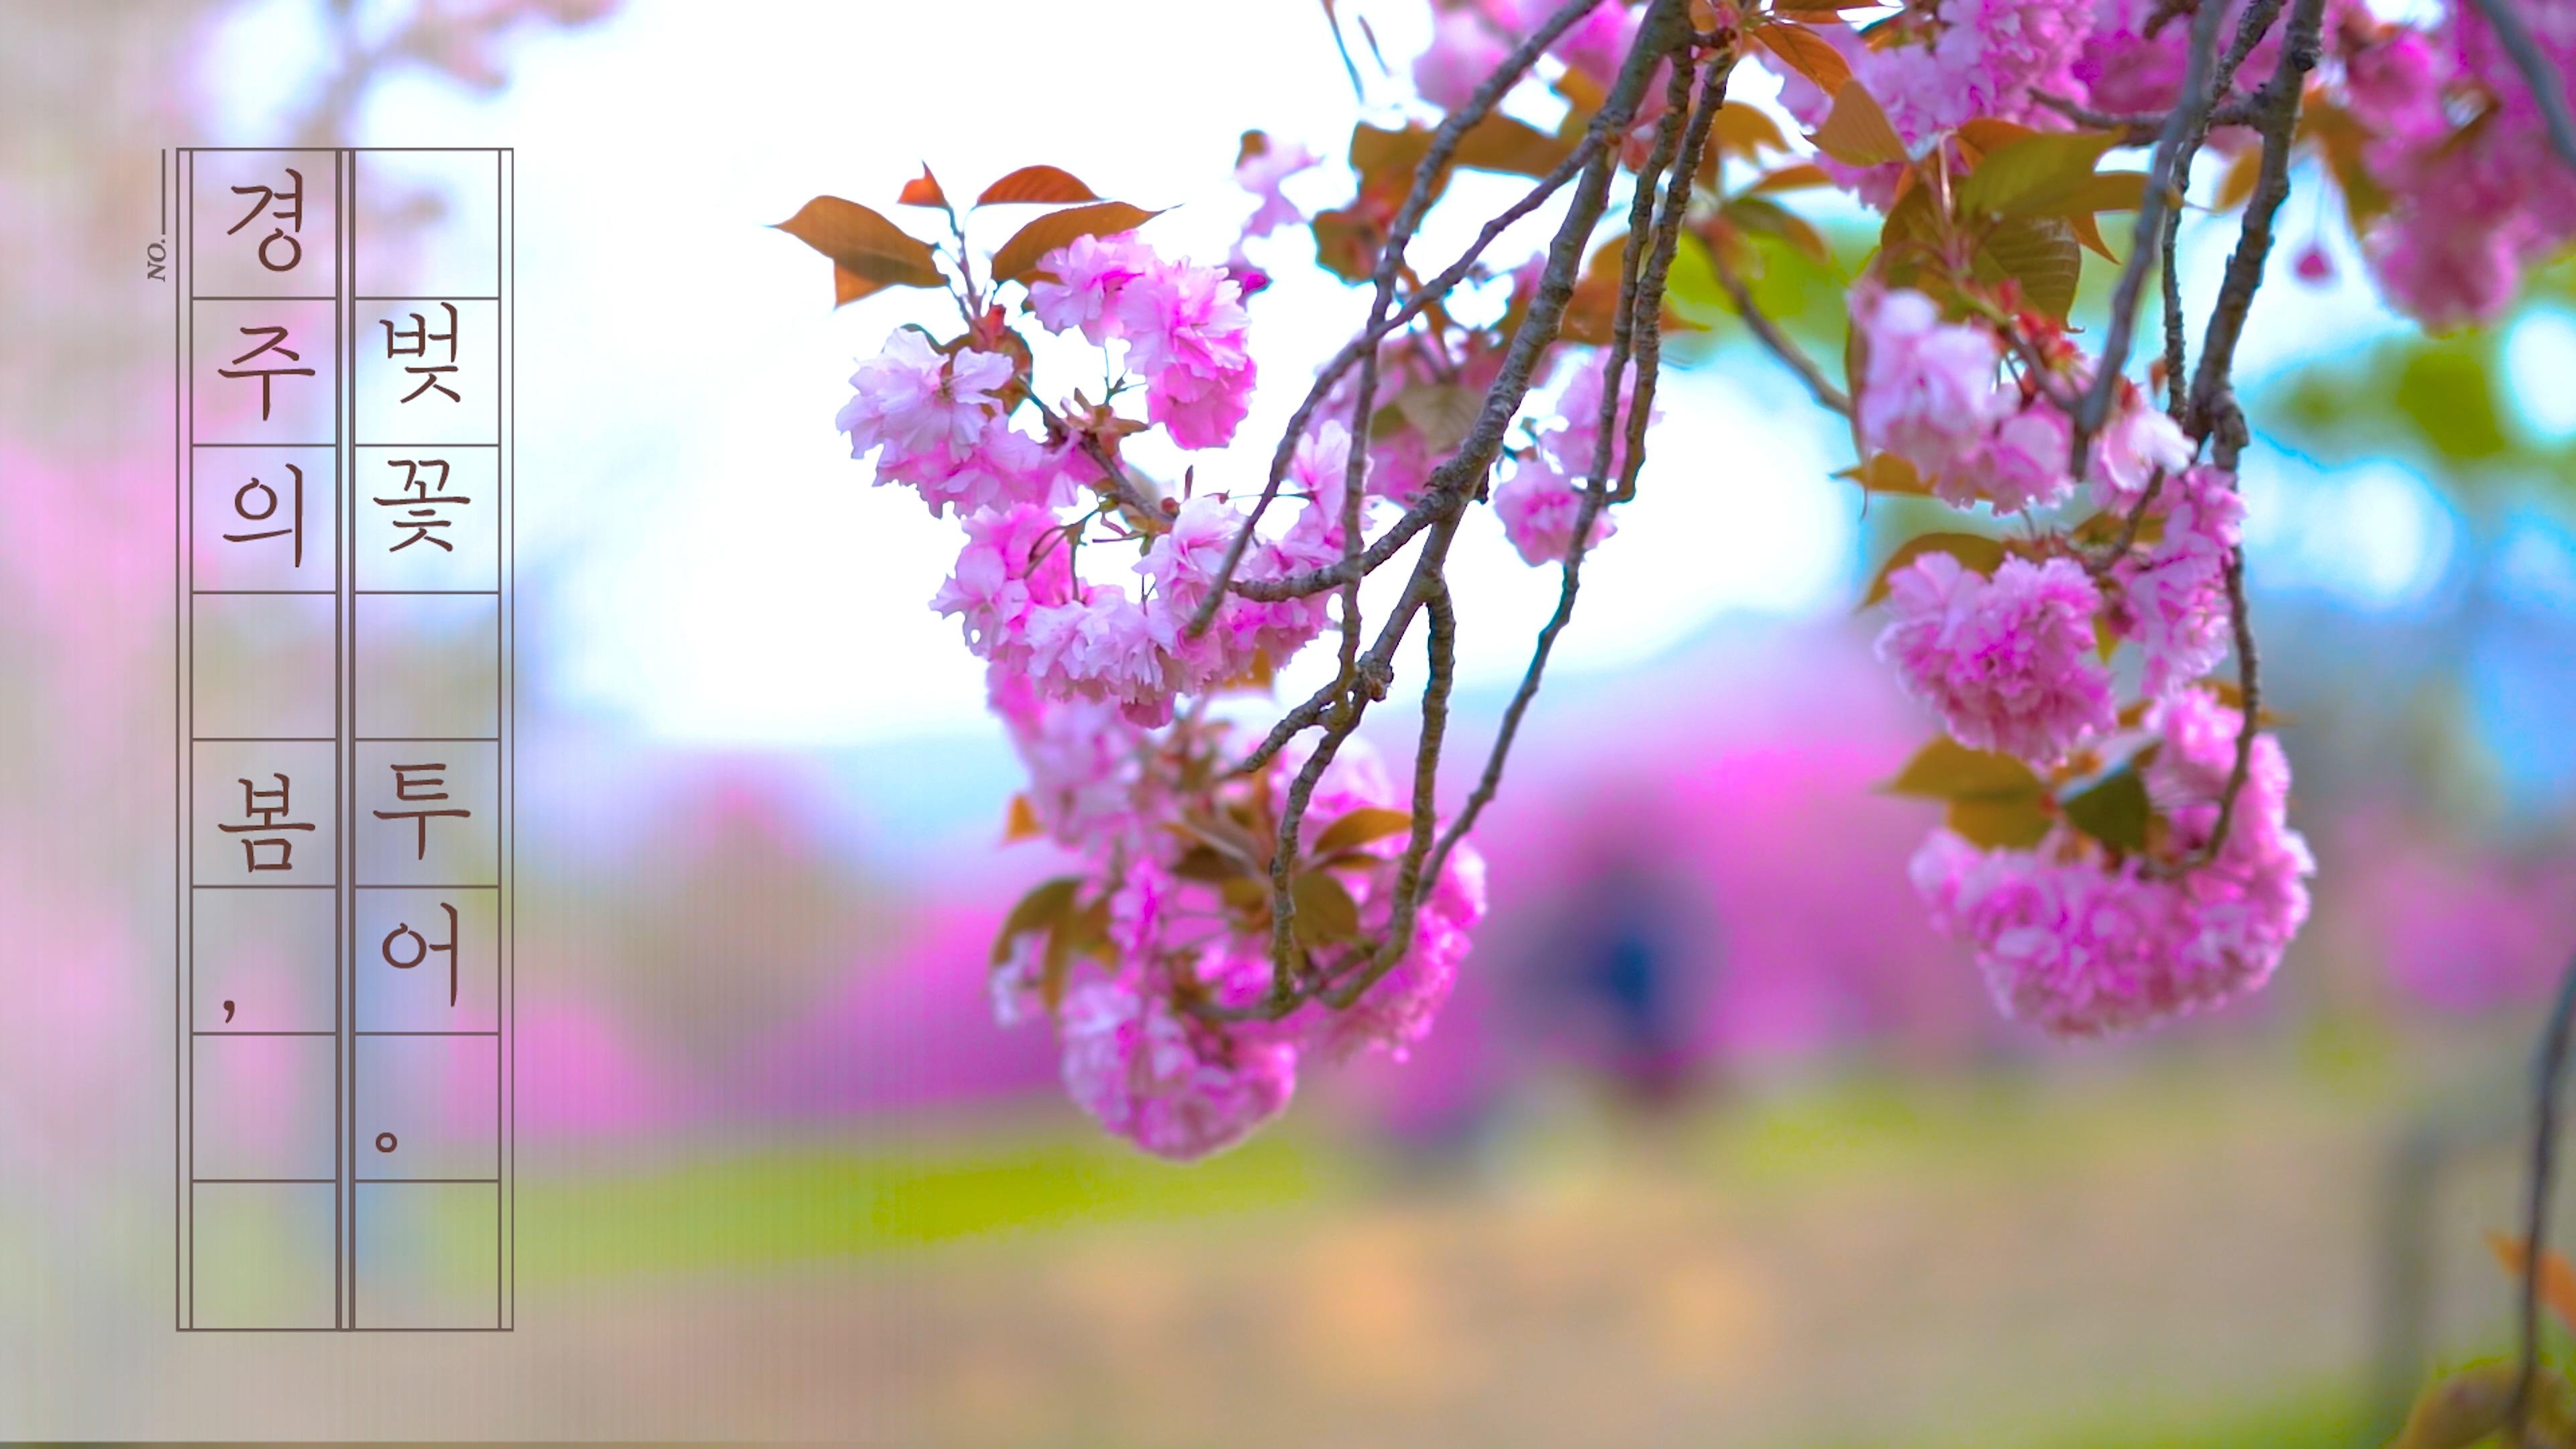 경주의 봄, 벚꽃투어